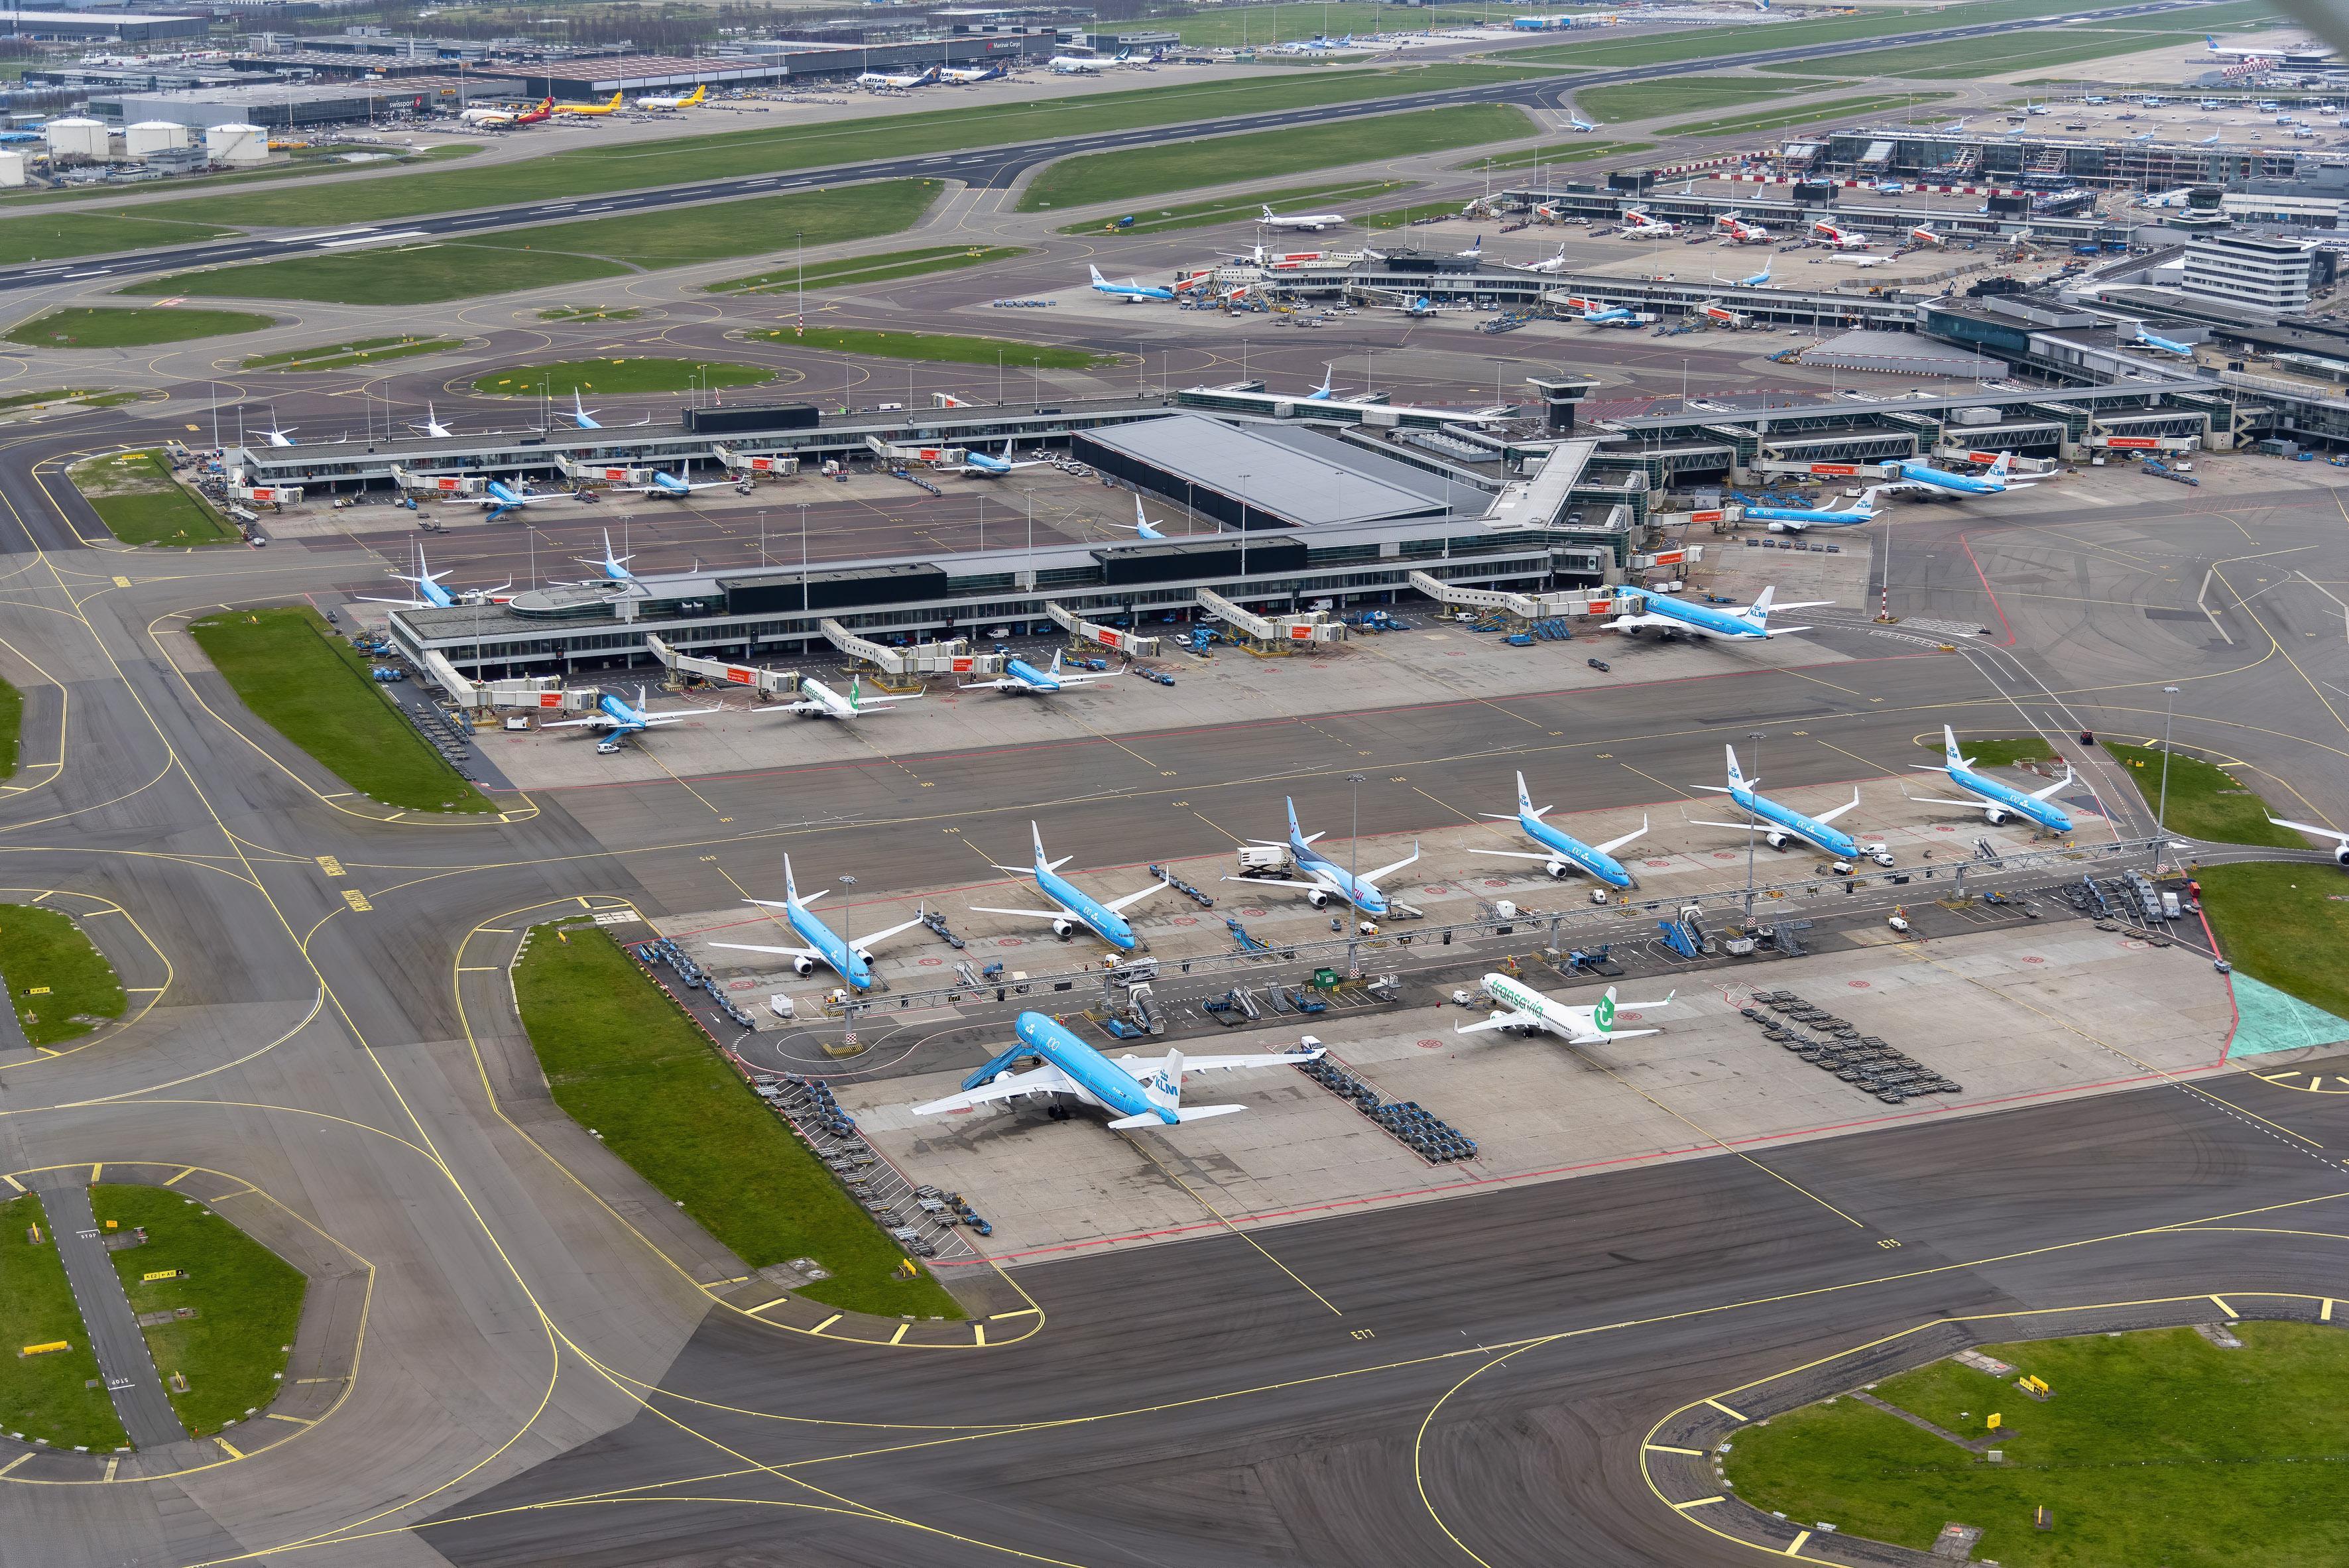 Willen IJmonders minder stedentrips en reisjes maken om 's nachts hinder van vliegverkeer terug te dringen? Doe mee met de stelling